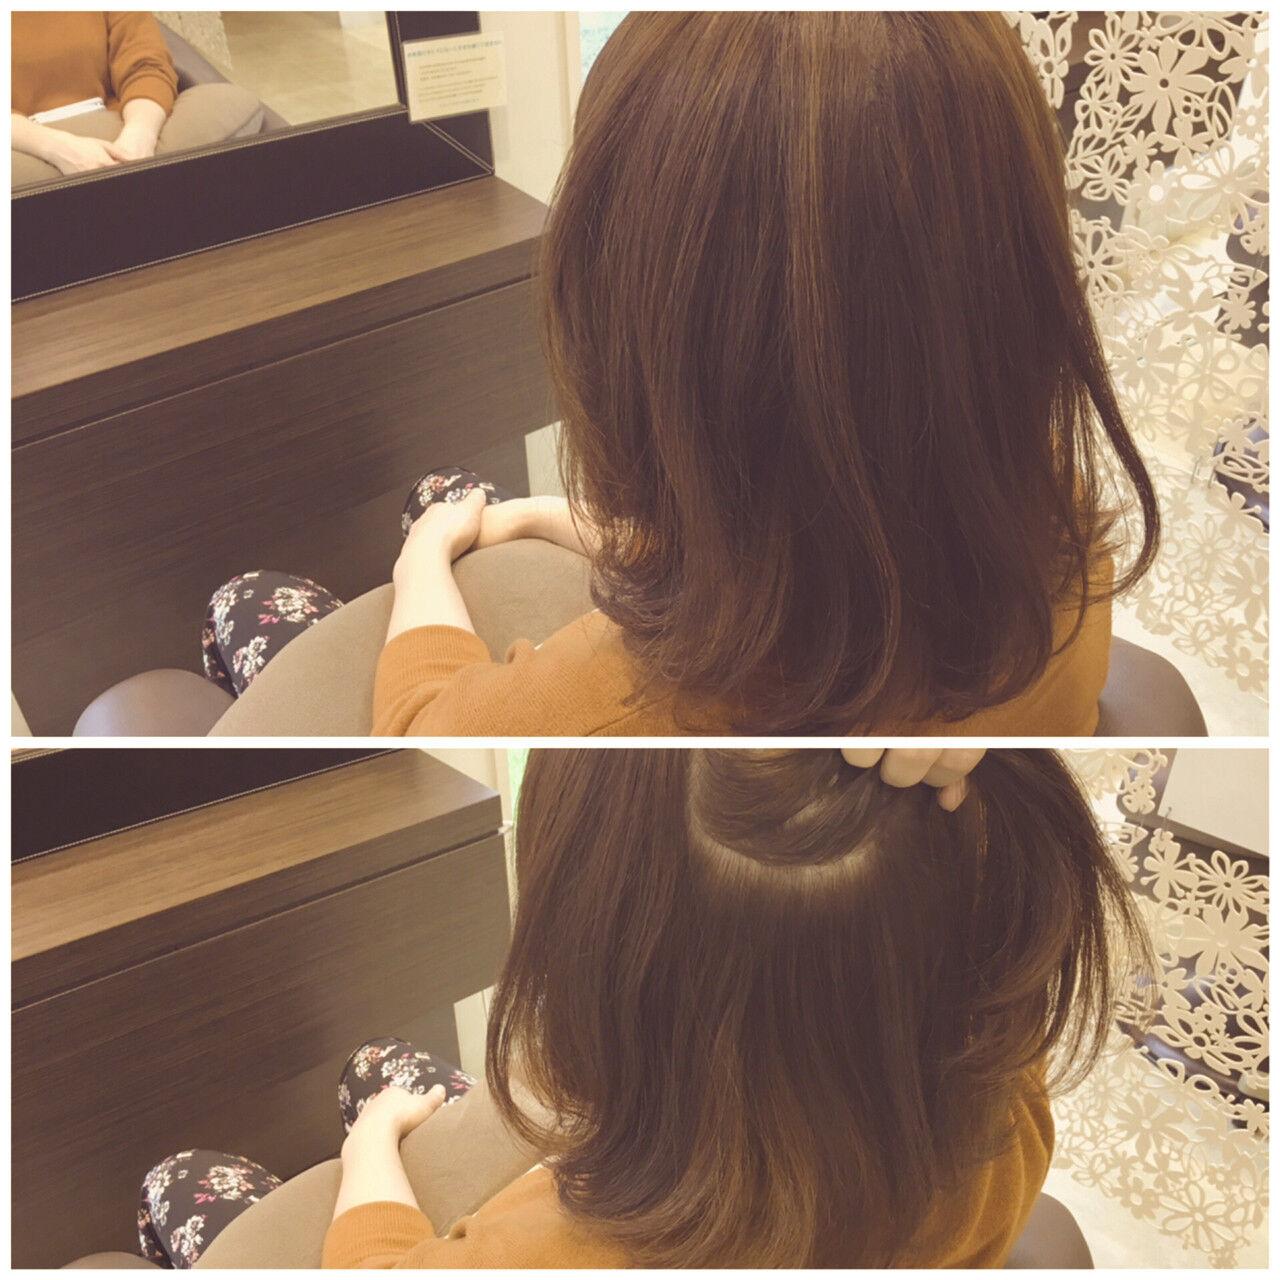 抜け感 ハイライト インナーカラー ミディアムヘアスタイルや髪型の写真・画像